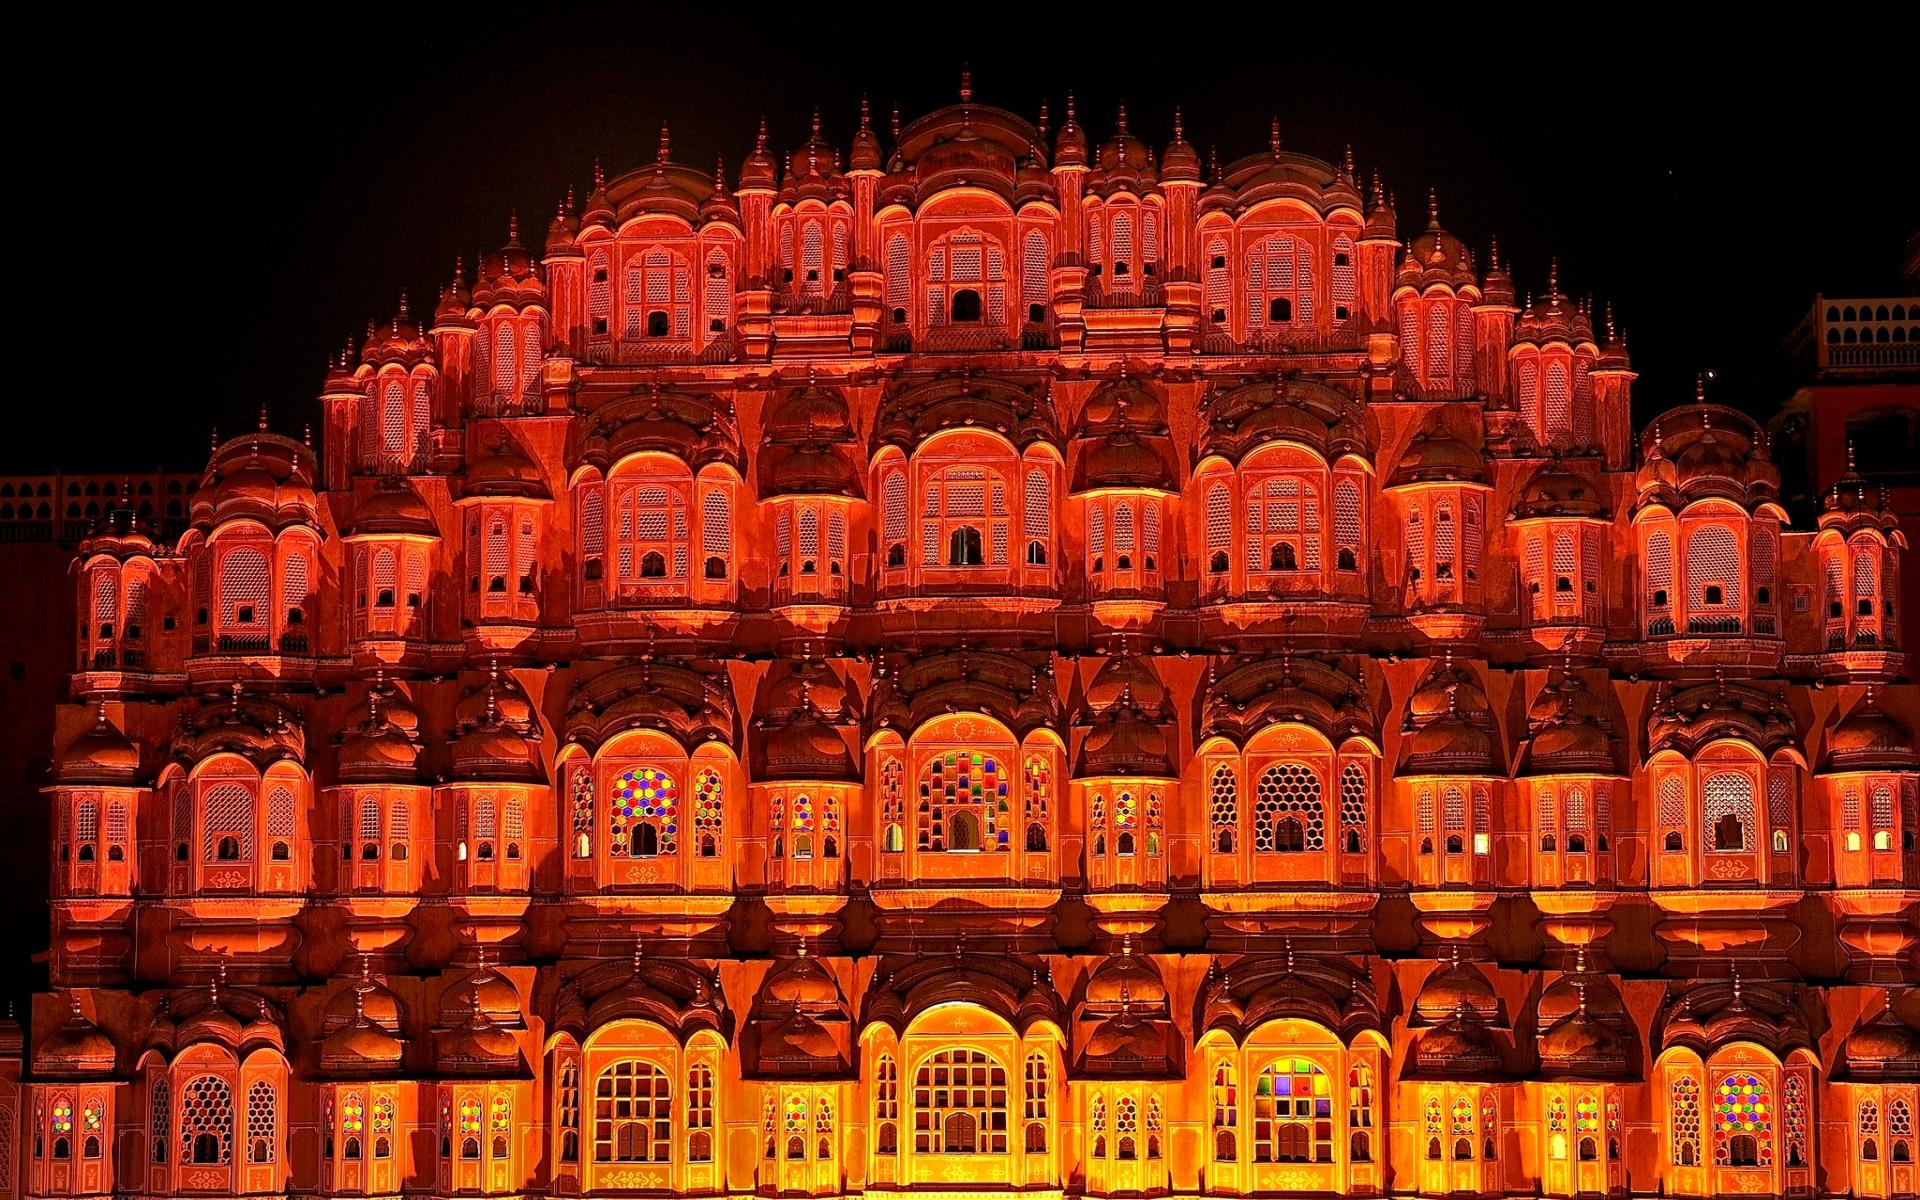 Hawa Mahal Hd Images: A Palace In India HD Wallpaper